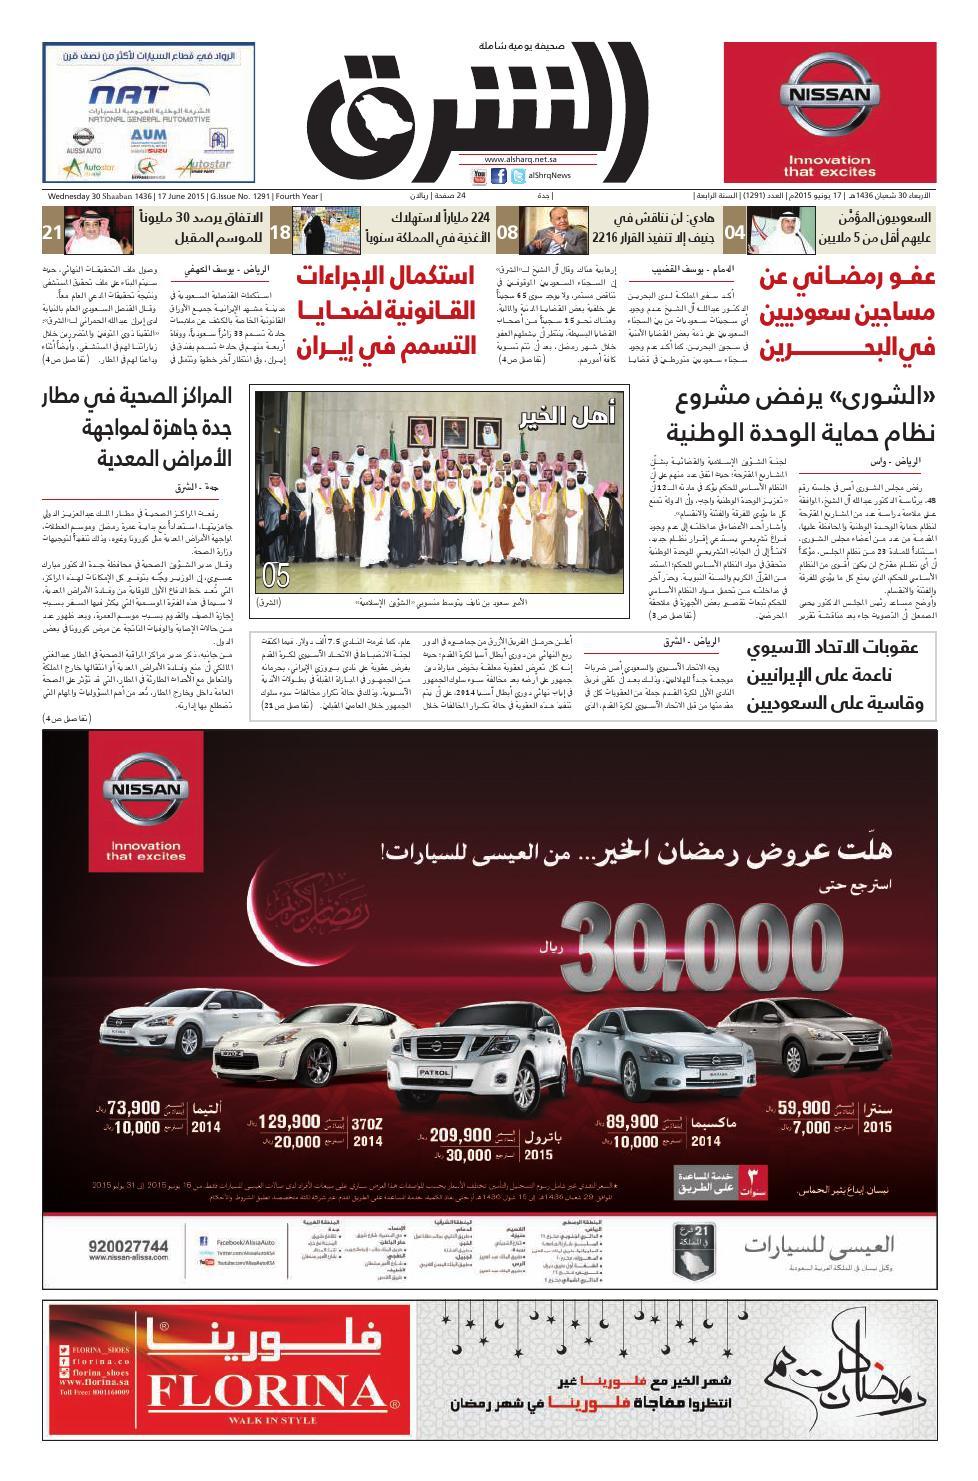 e70e081db صحيفة الشرق - العدد 1291 - نسخة جدة by صحيفة الشرق السعودية - issuu